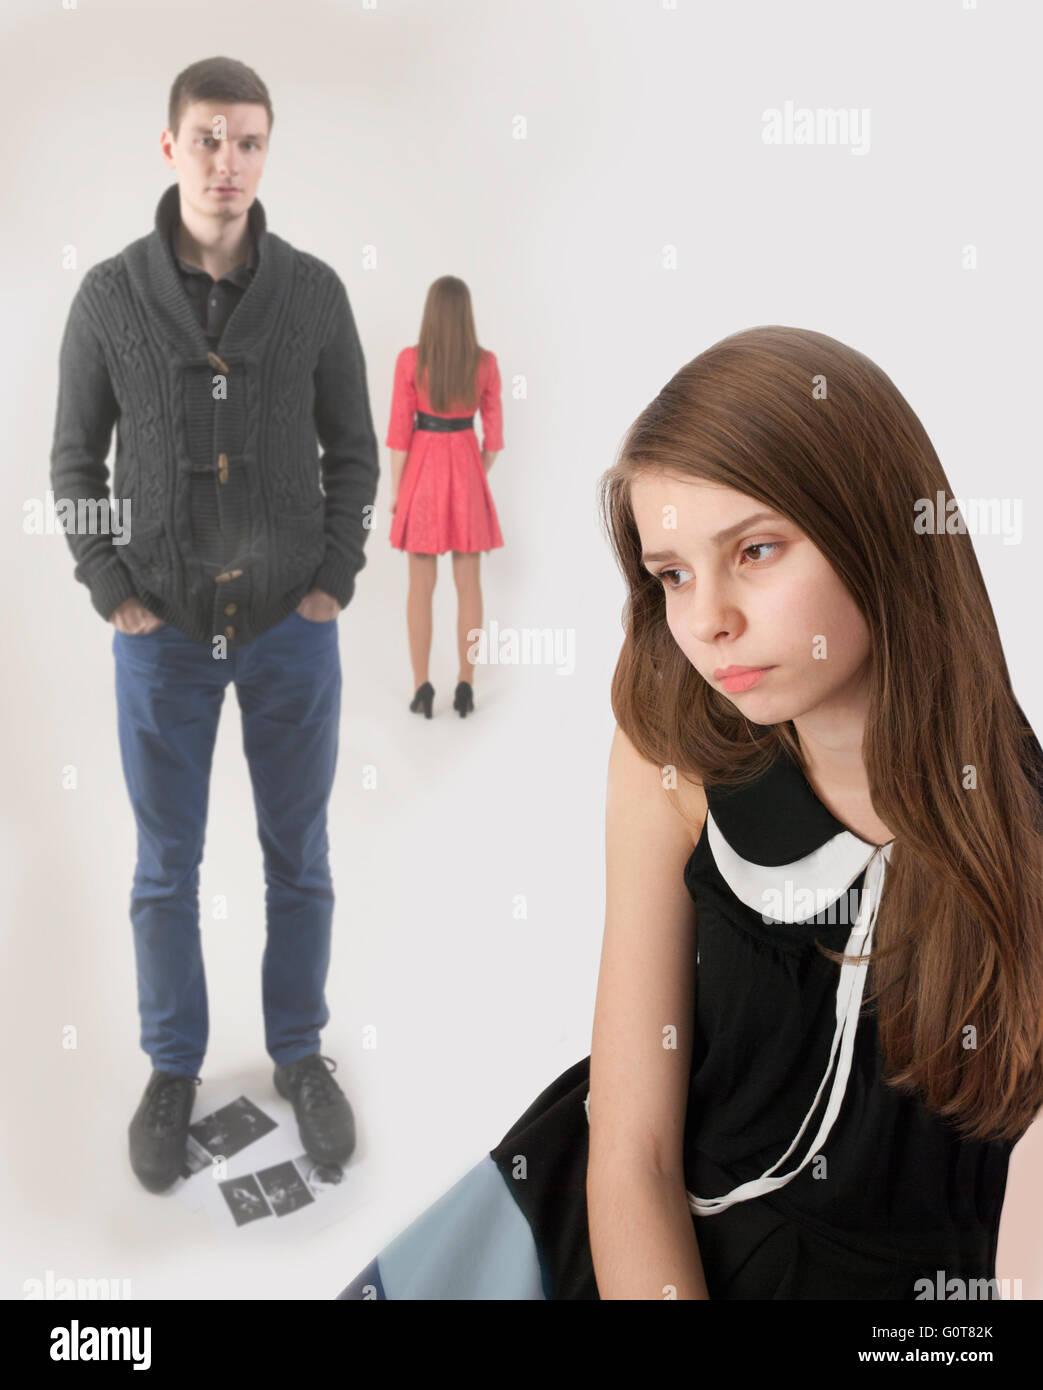 Upset young girl - Stock Image